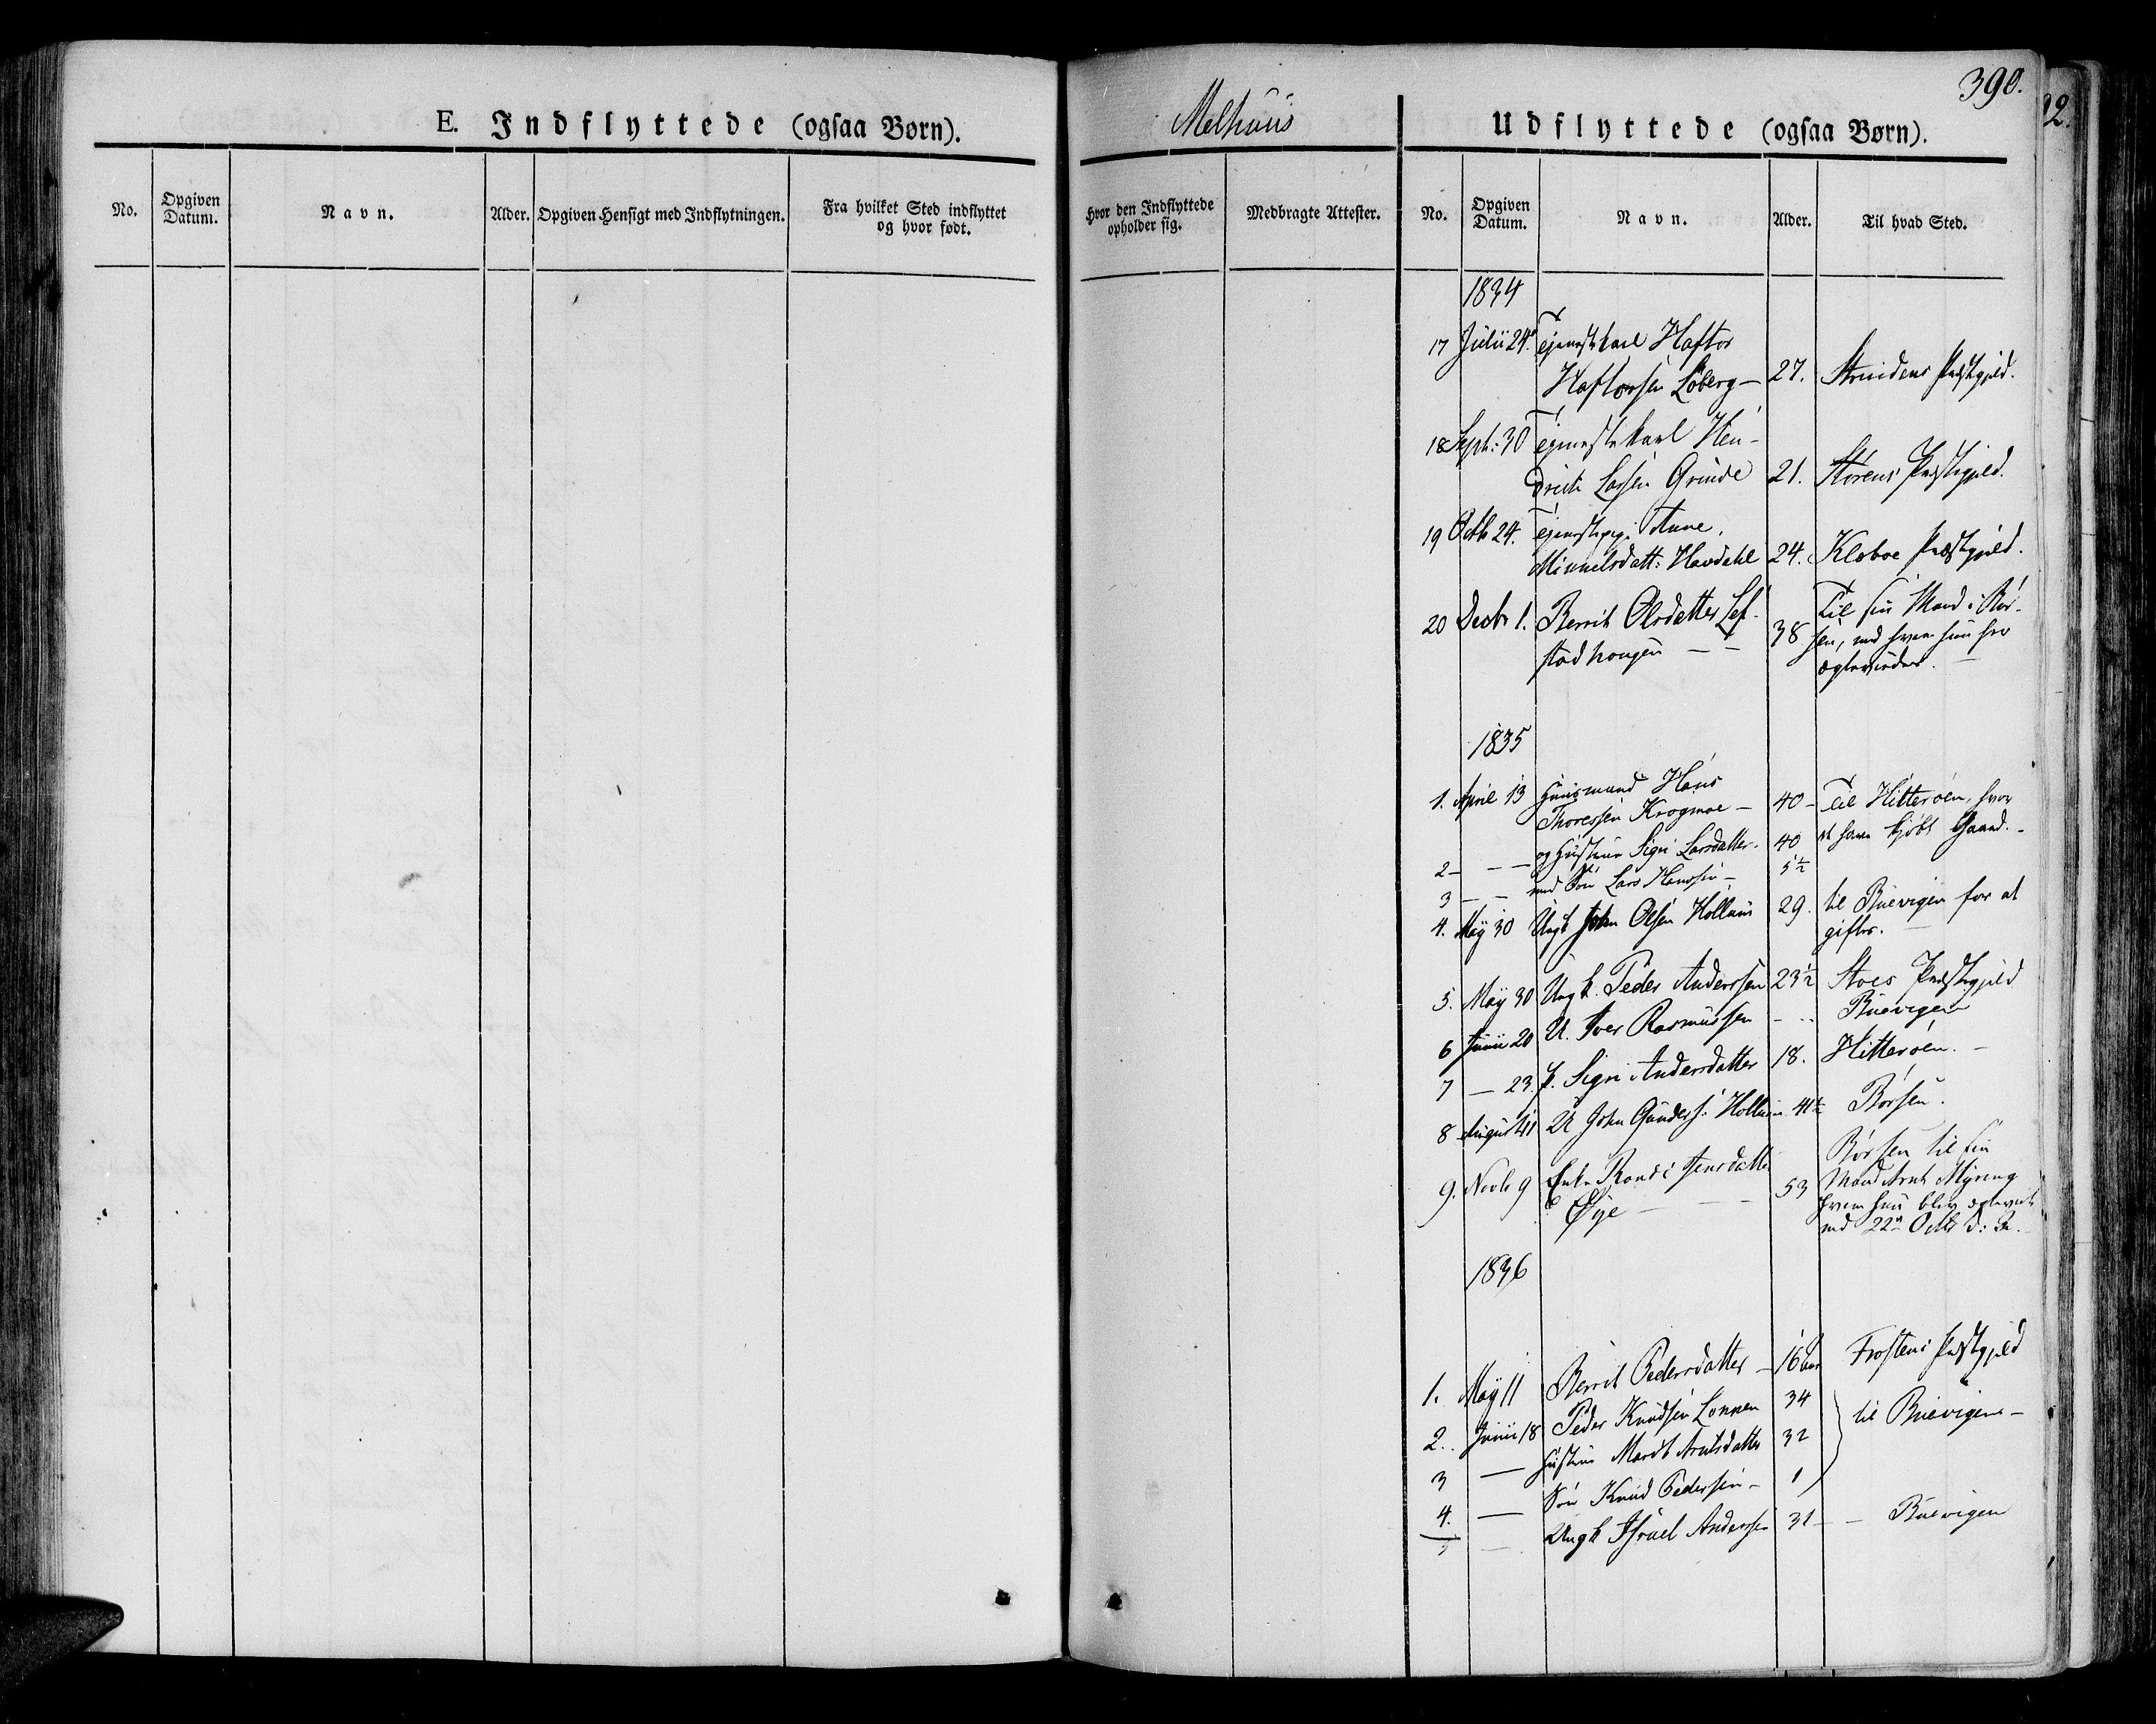 SAT, Ministerialprotokoller, klokkerbøker og fødselsregistre - Sør-Trøndelag, 691/L1070: Ministerialbok nr. 691A05 /1, 1826-1841, s. 390